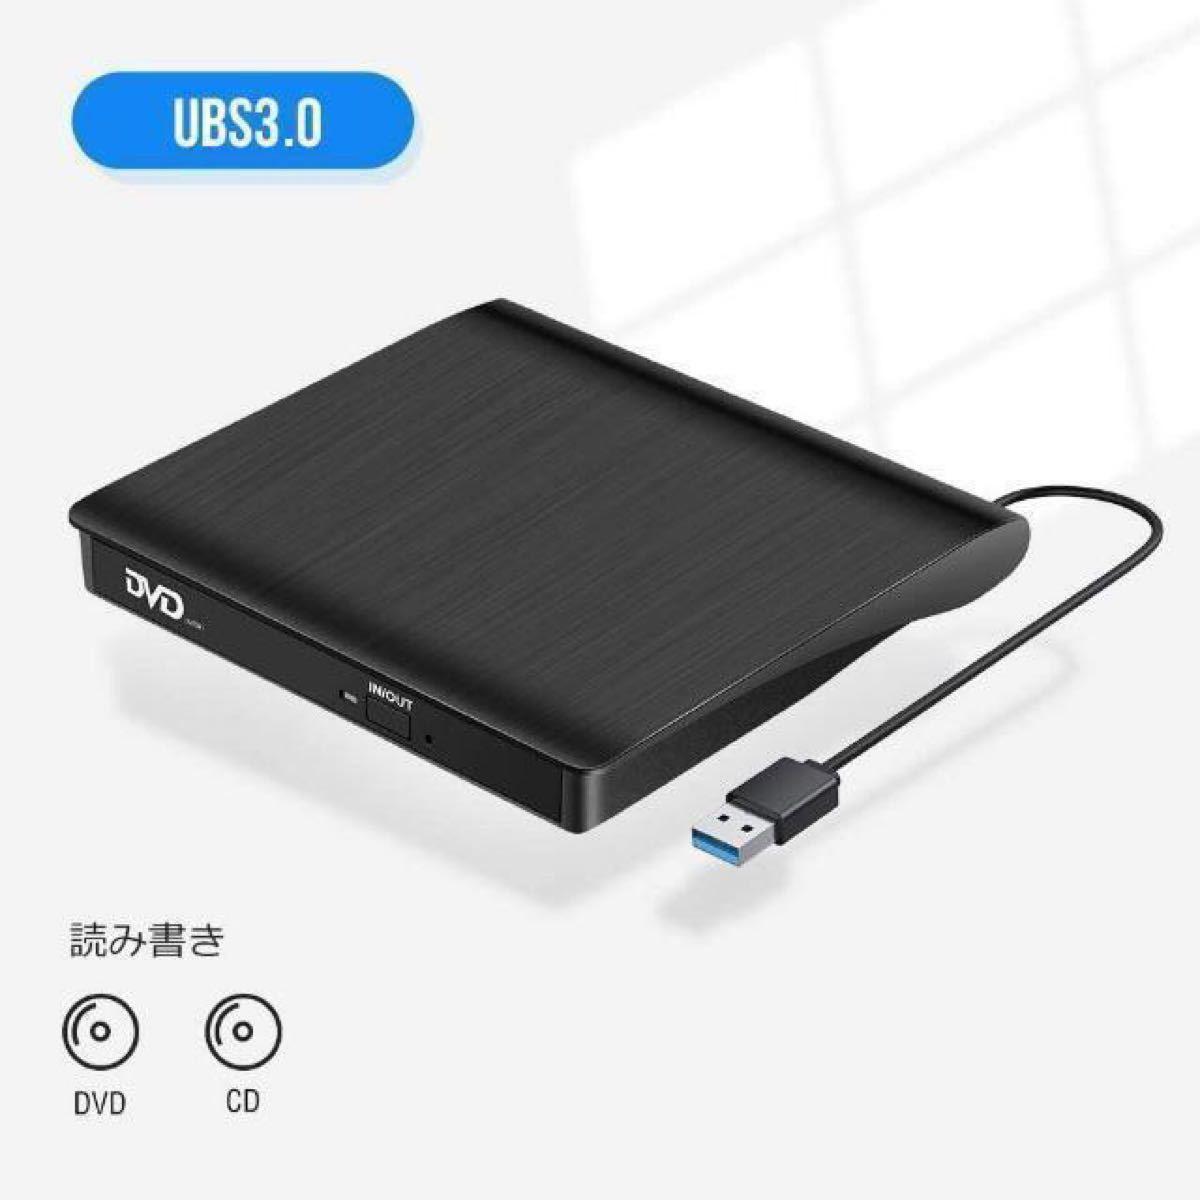 外付け DVDドライブ 外付け USB3.0 DVDドライブ